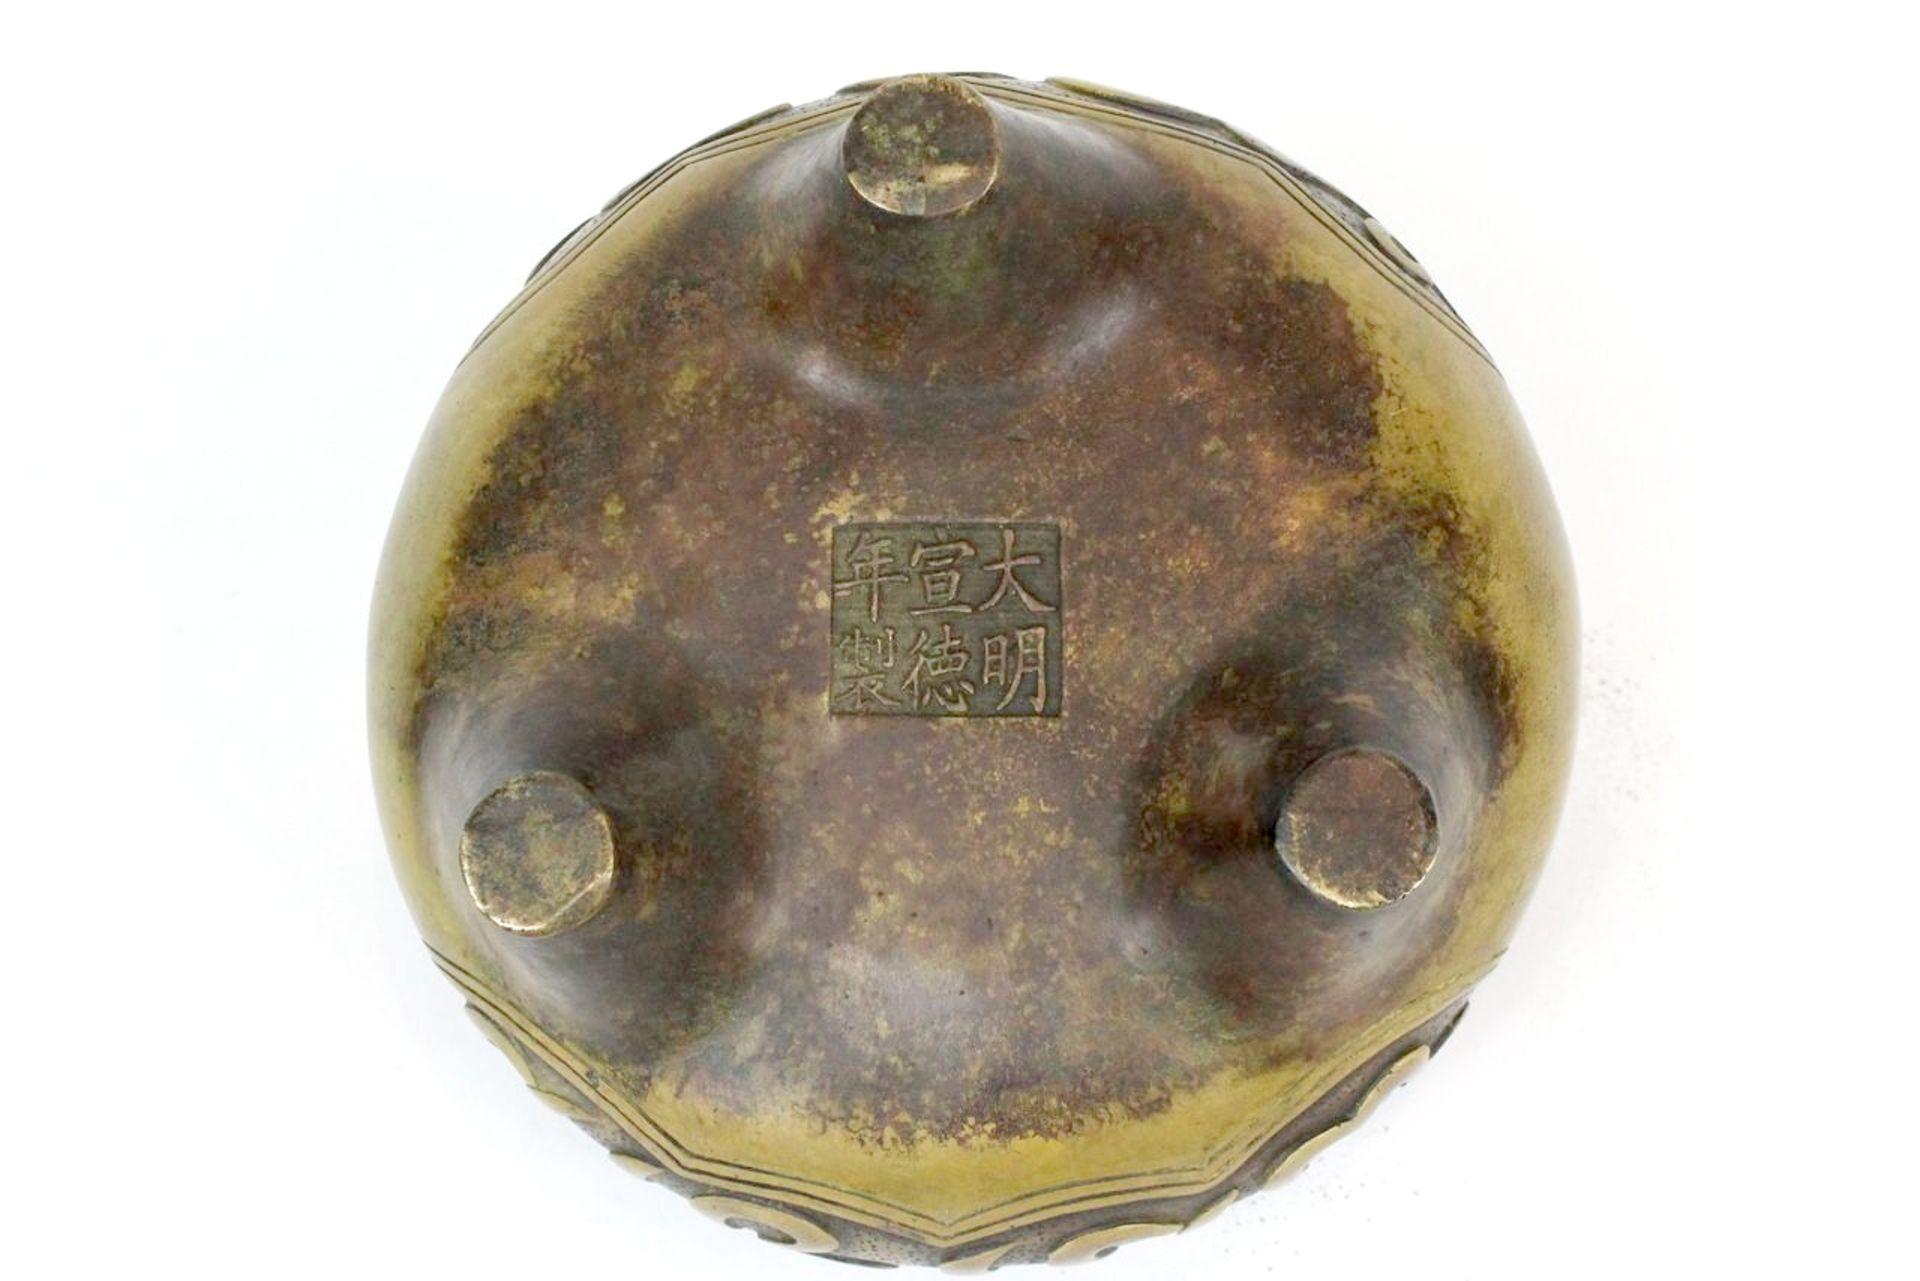 China, Großer seltener Ming Tripot Weihrauchbrenner - Image 9 of 15